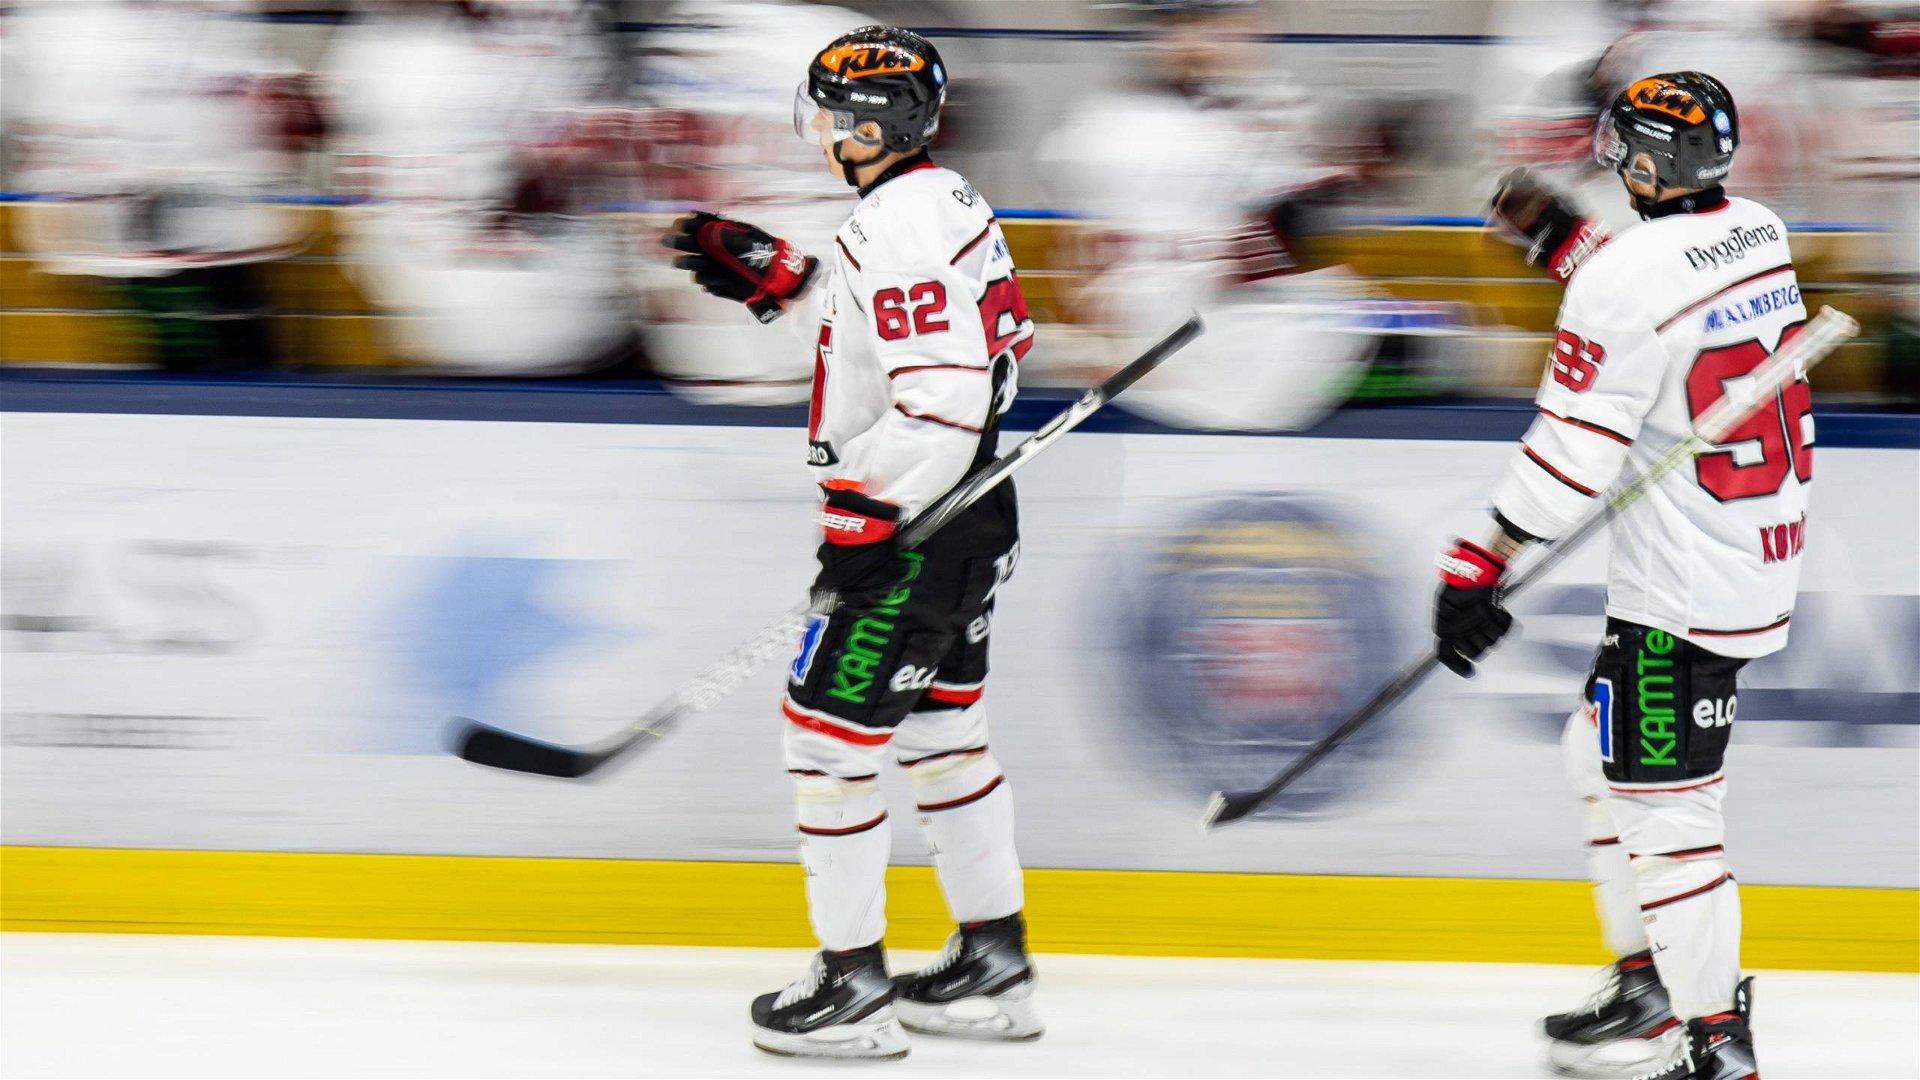 Två Örebrospelare åker och gör high five med lagkamrater på bänken